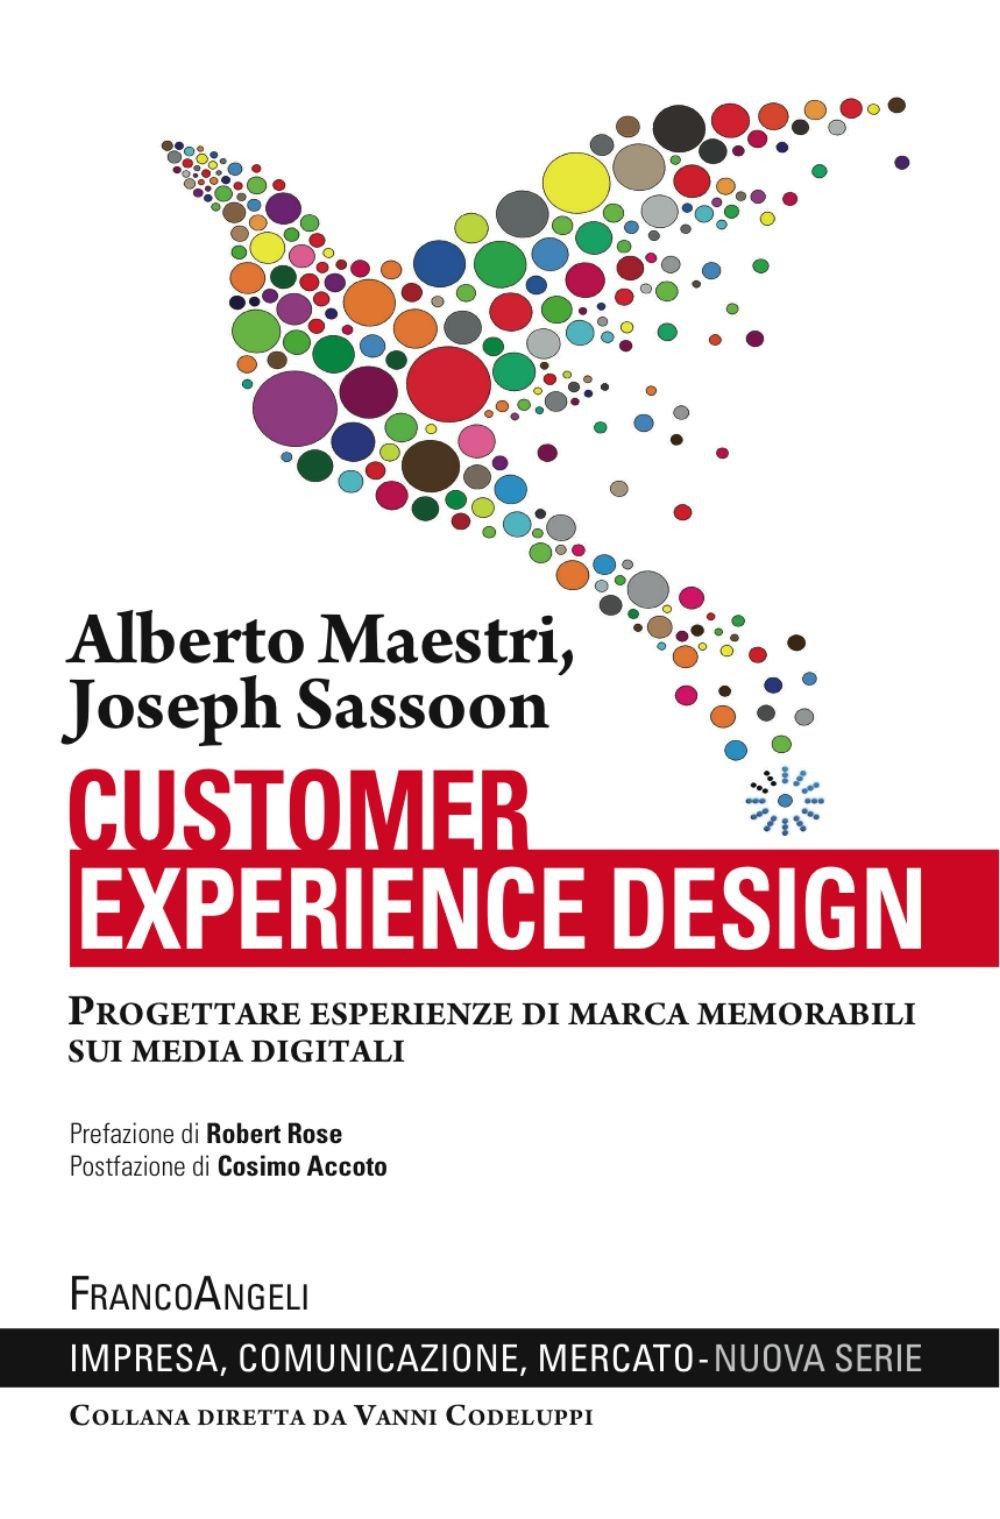 CX_Design